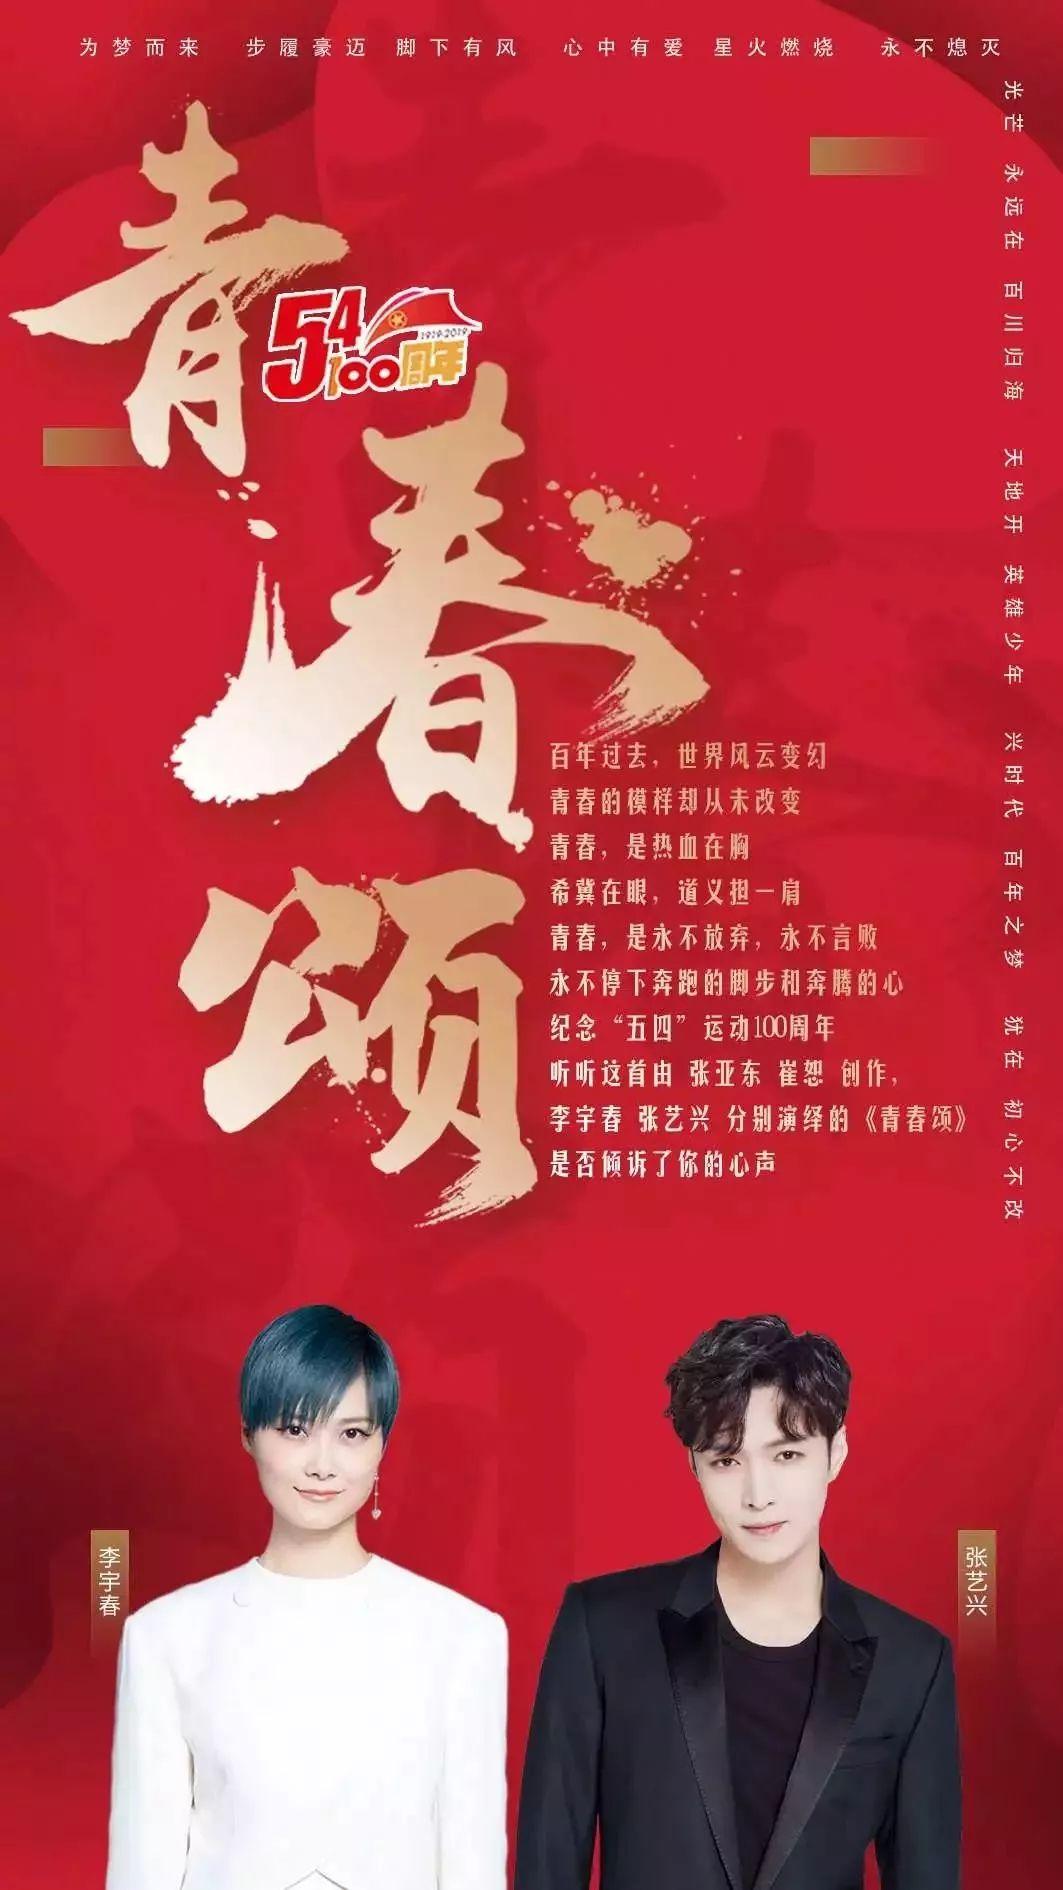 李宇春、张艺兴献歌《青春颂》:脚下有风,心